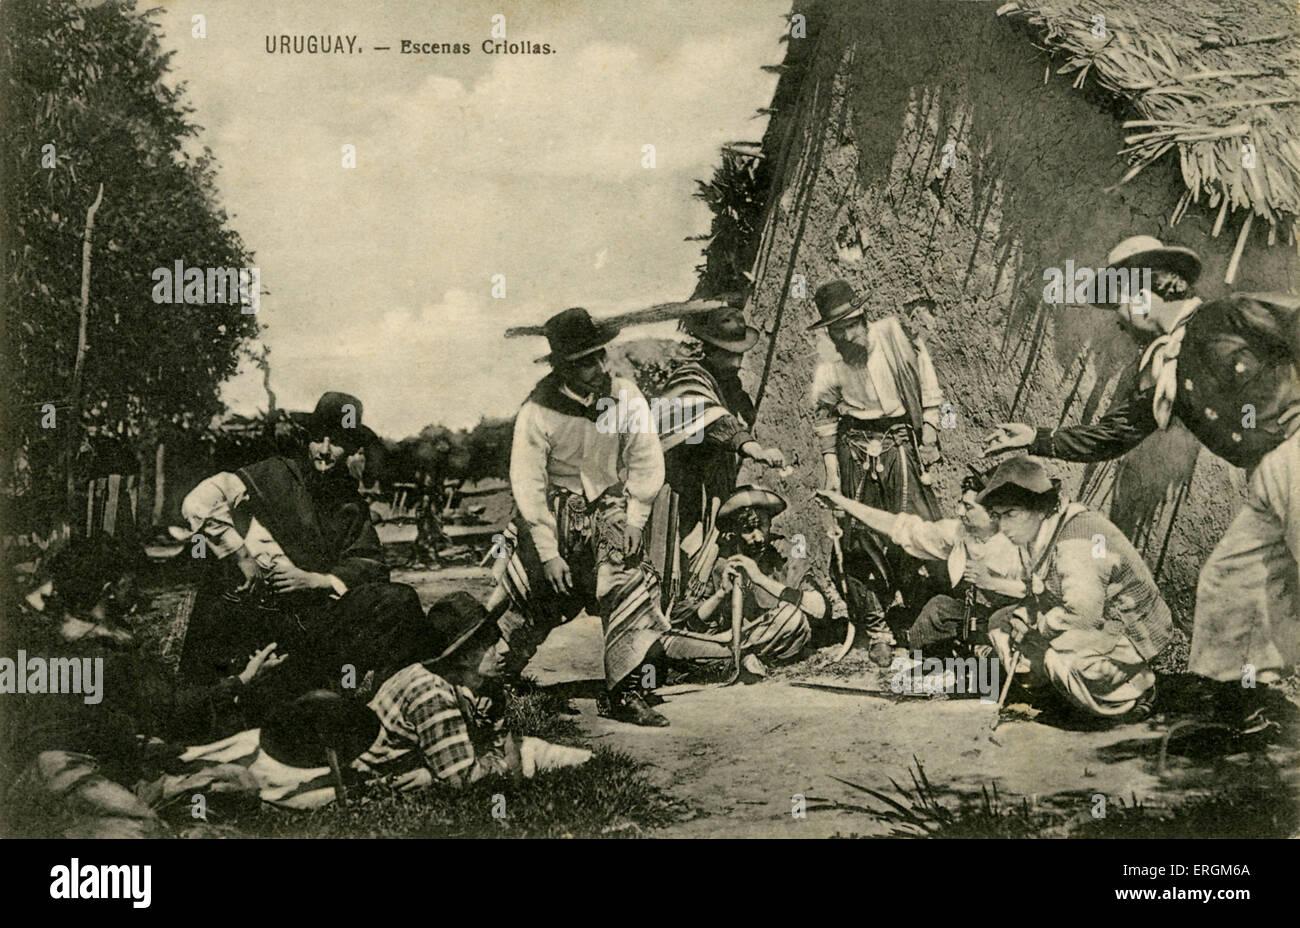 Tarjeta postal de principios del siglo xx de gauchos uruguayos/ cowboys. Imagen De Stock